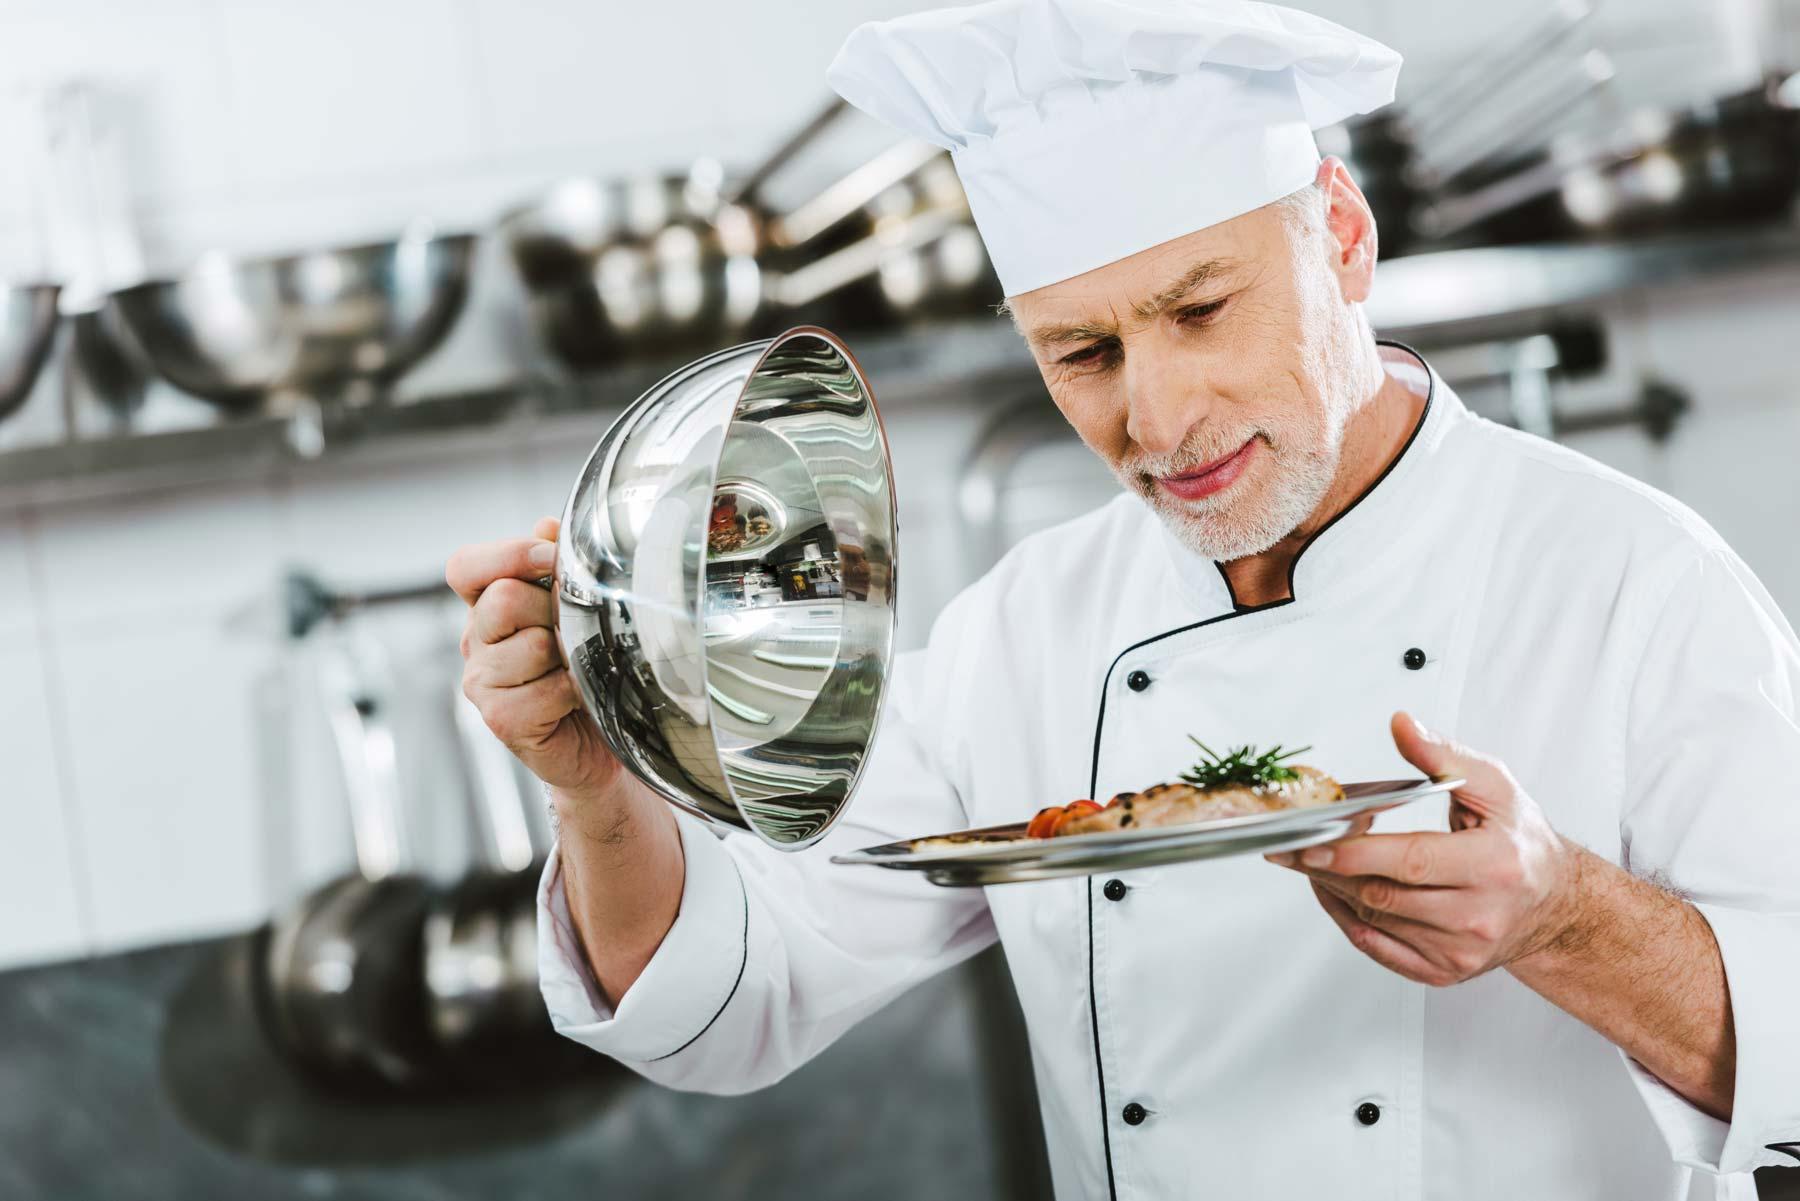 accessori gastronomia in acciaio inossidabile